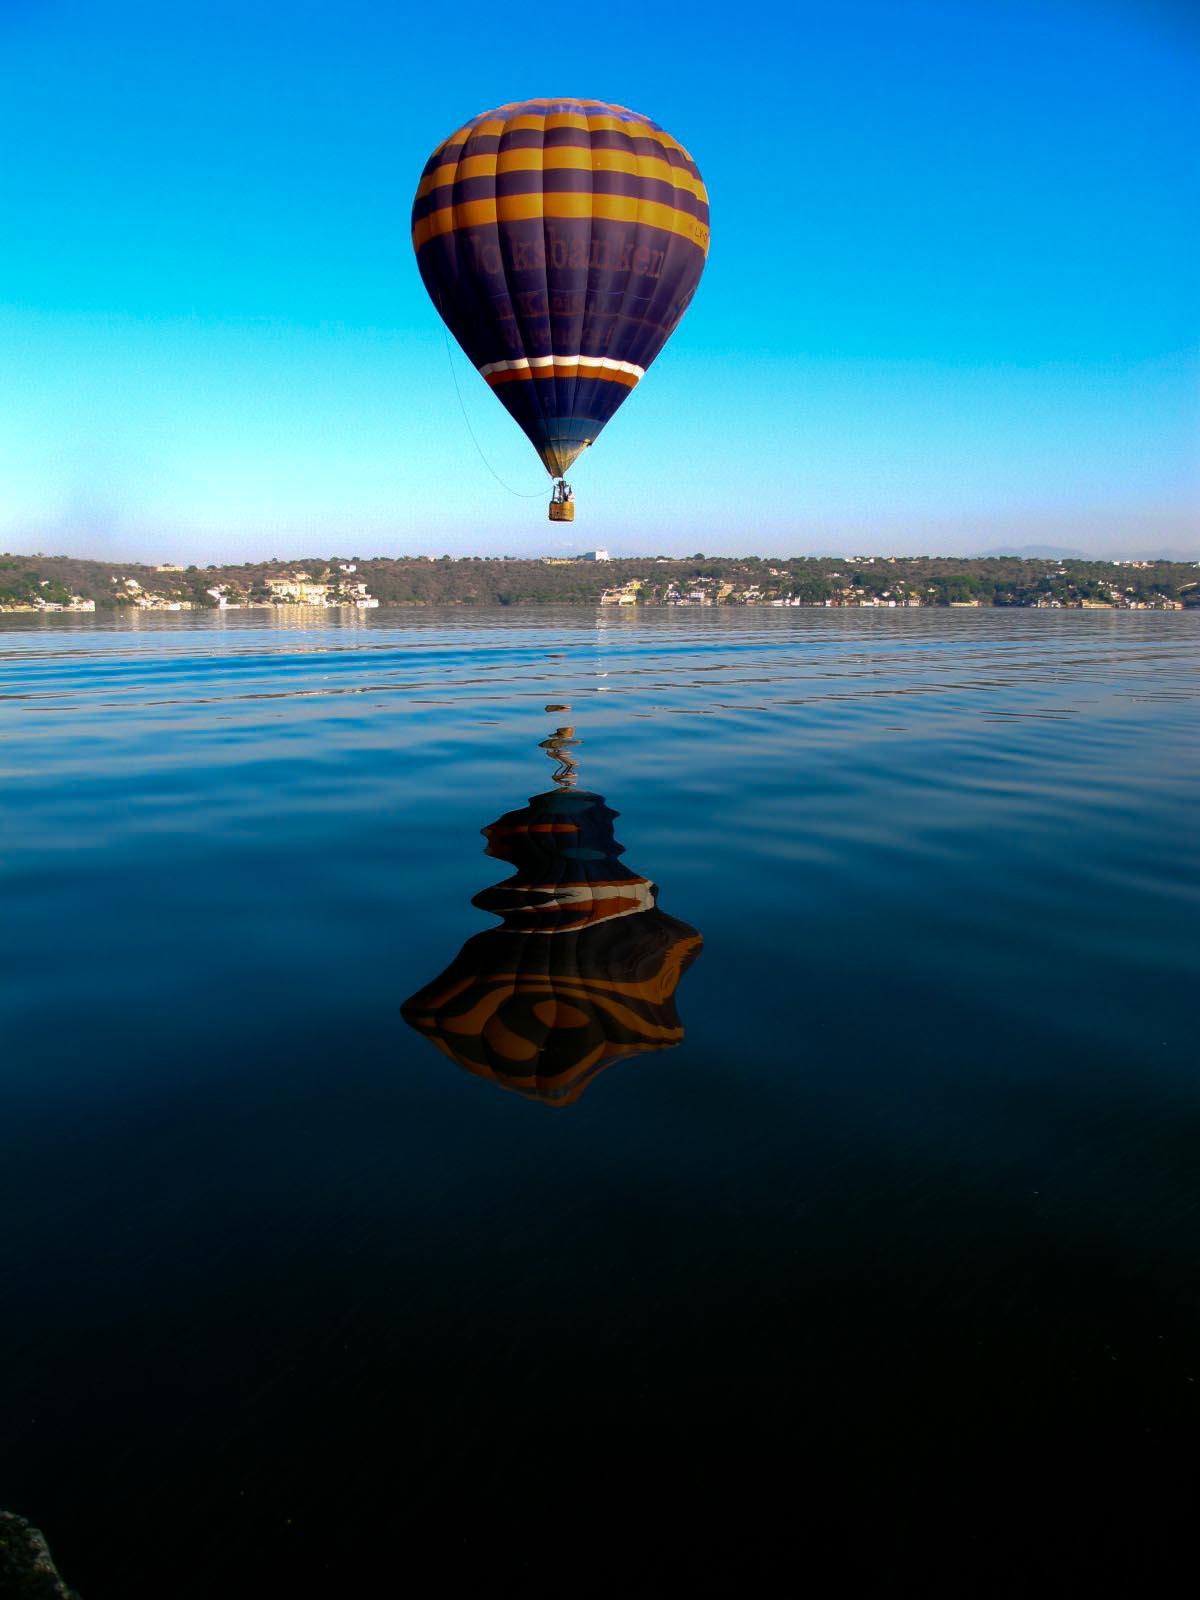 Vista de un globo en el lago de Tequesquitengo